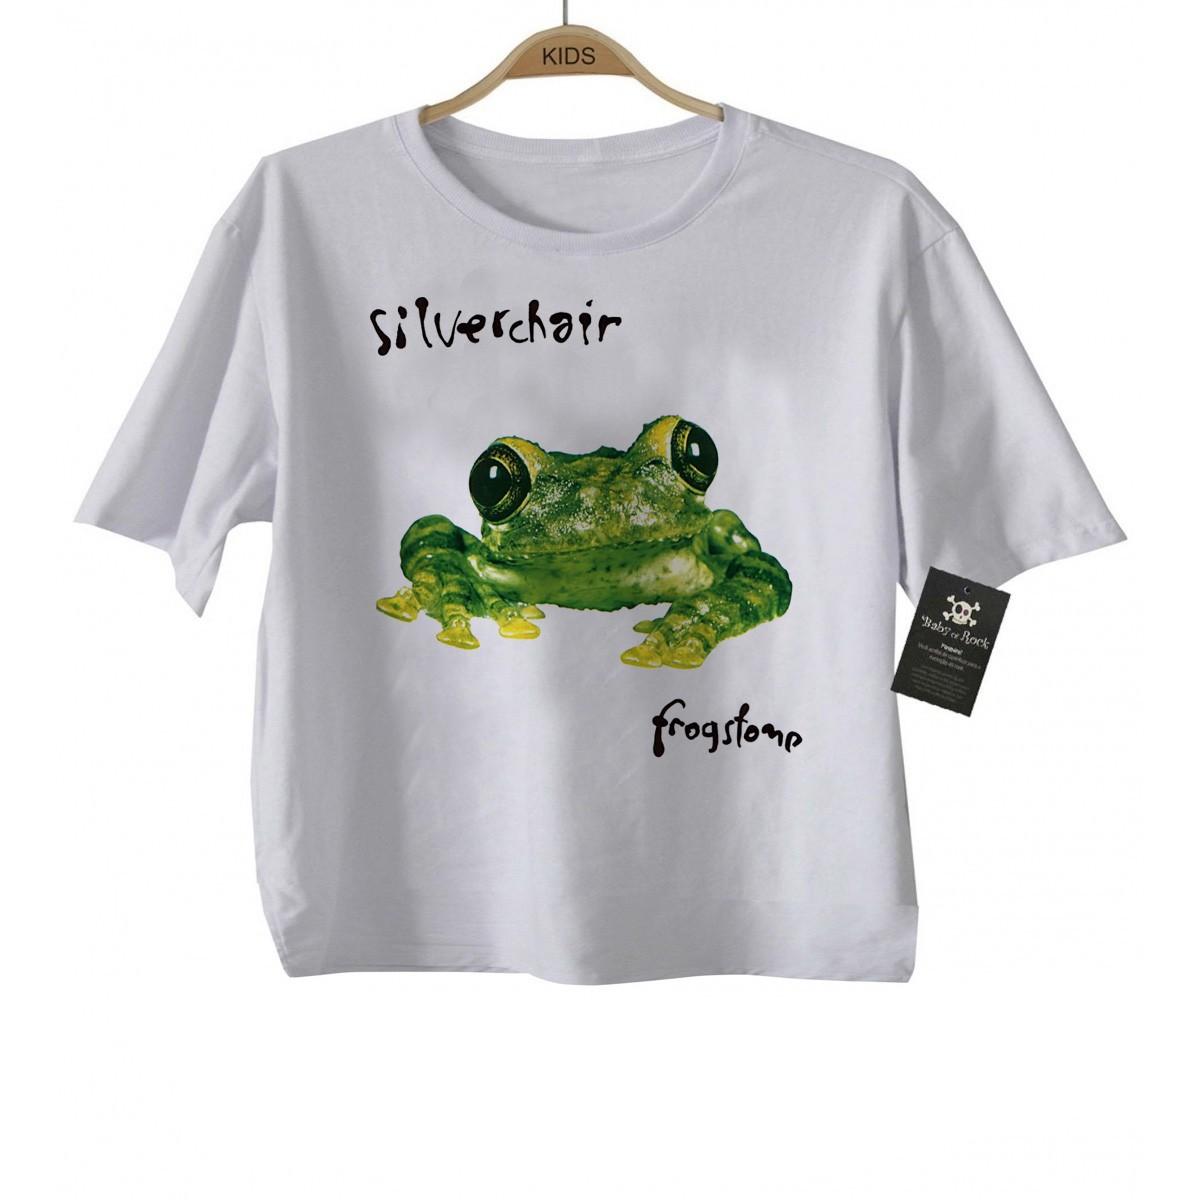 Camiseta Infantil Rock - Silverchair - White  - Baby Monster S/A